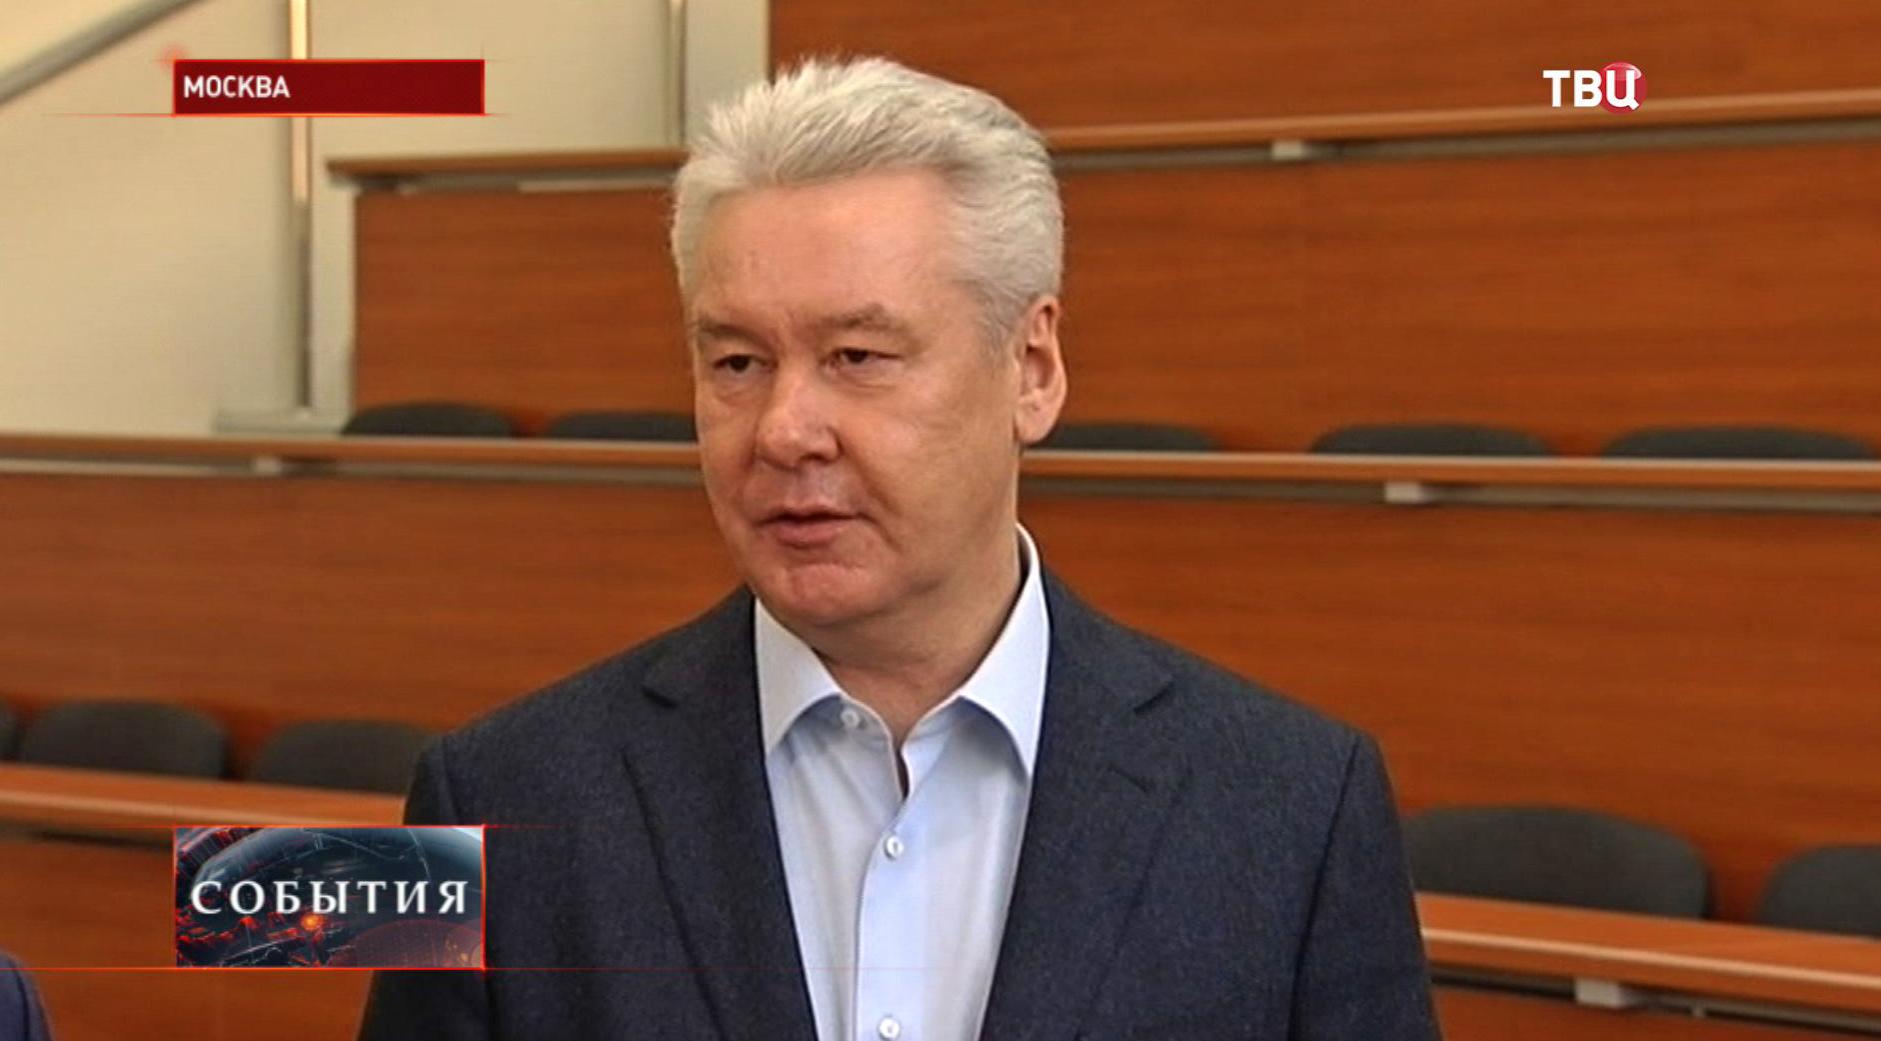 Сергей Собянин в новом корпусе ВШЭ